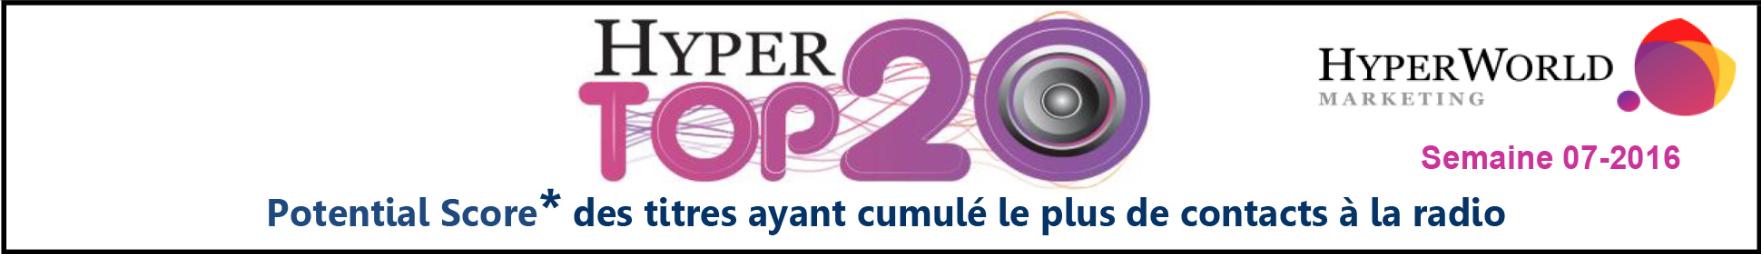 HyperTop20 - Semaine 07-2016 Le dessous des cartes de Yacast